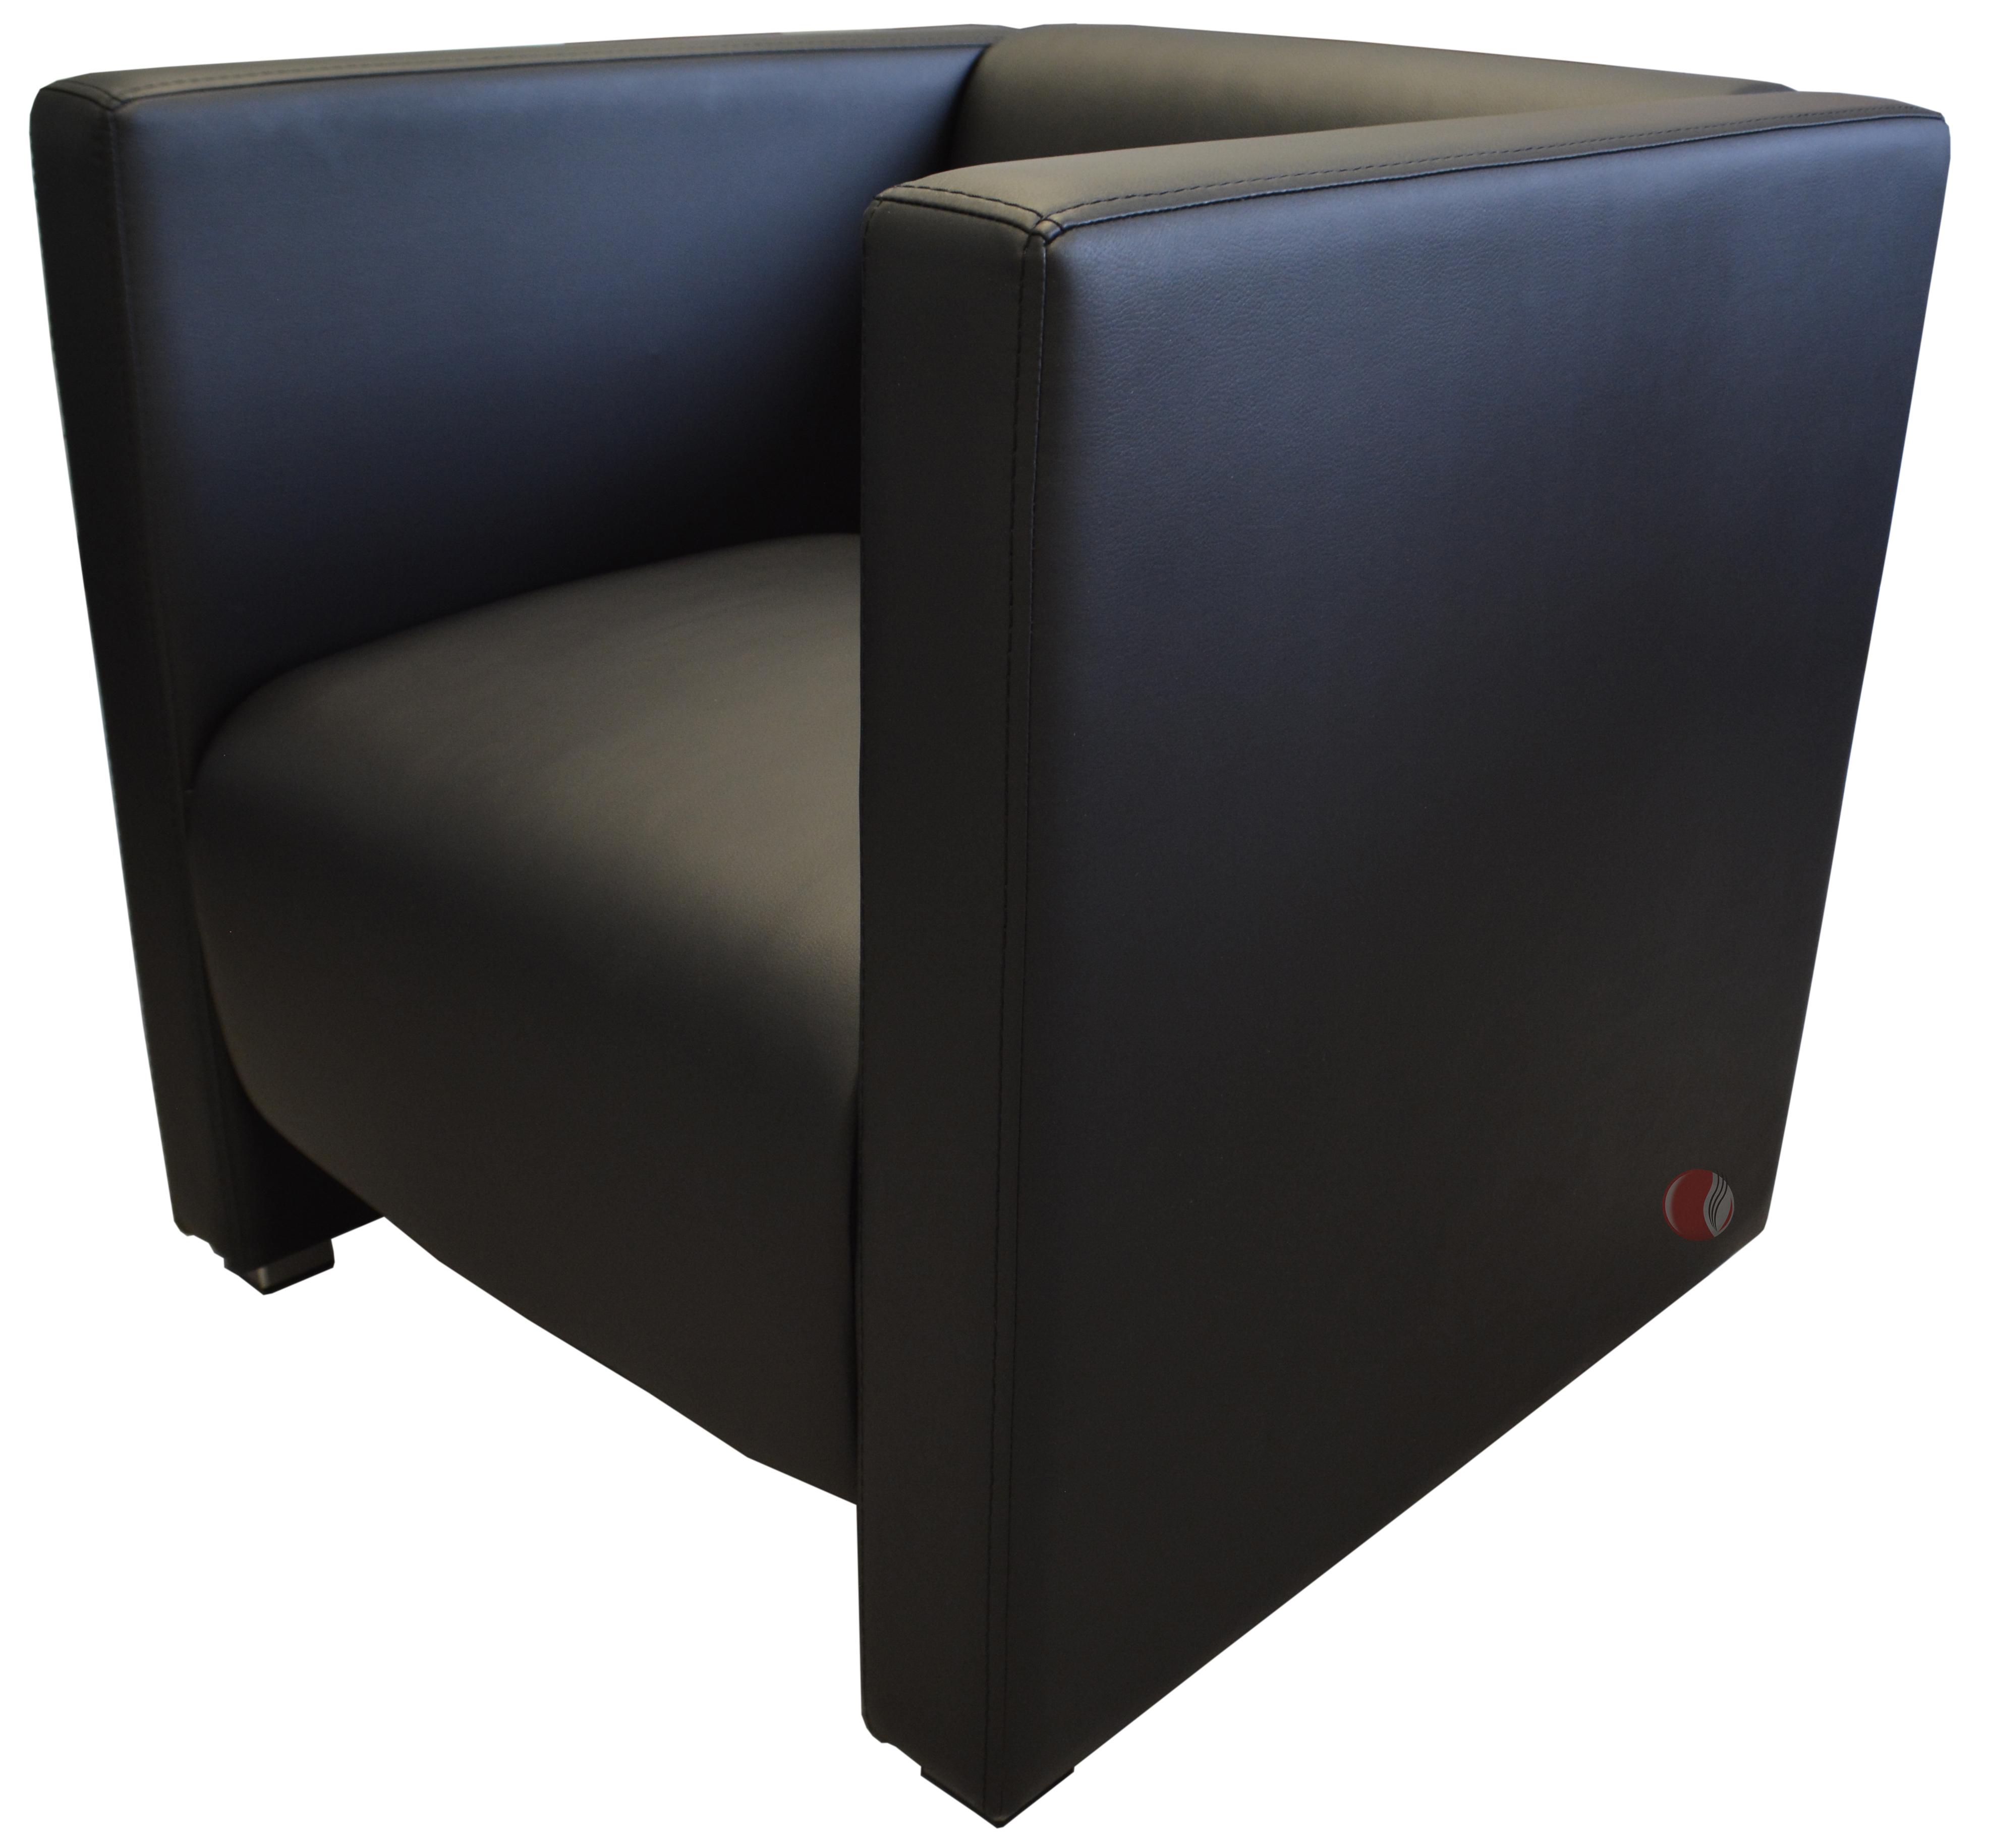 lounge sessel reka 70 cm schwarz g nstig kaufen m bel star. Black Bedroom Furniture Sets. Home Design Ideas